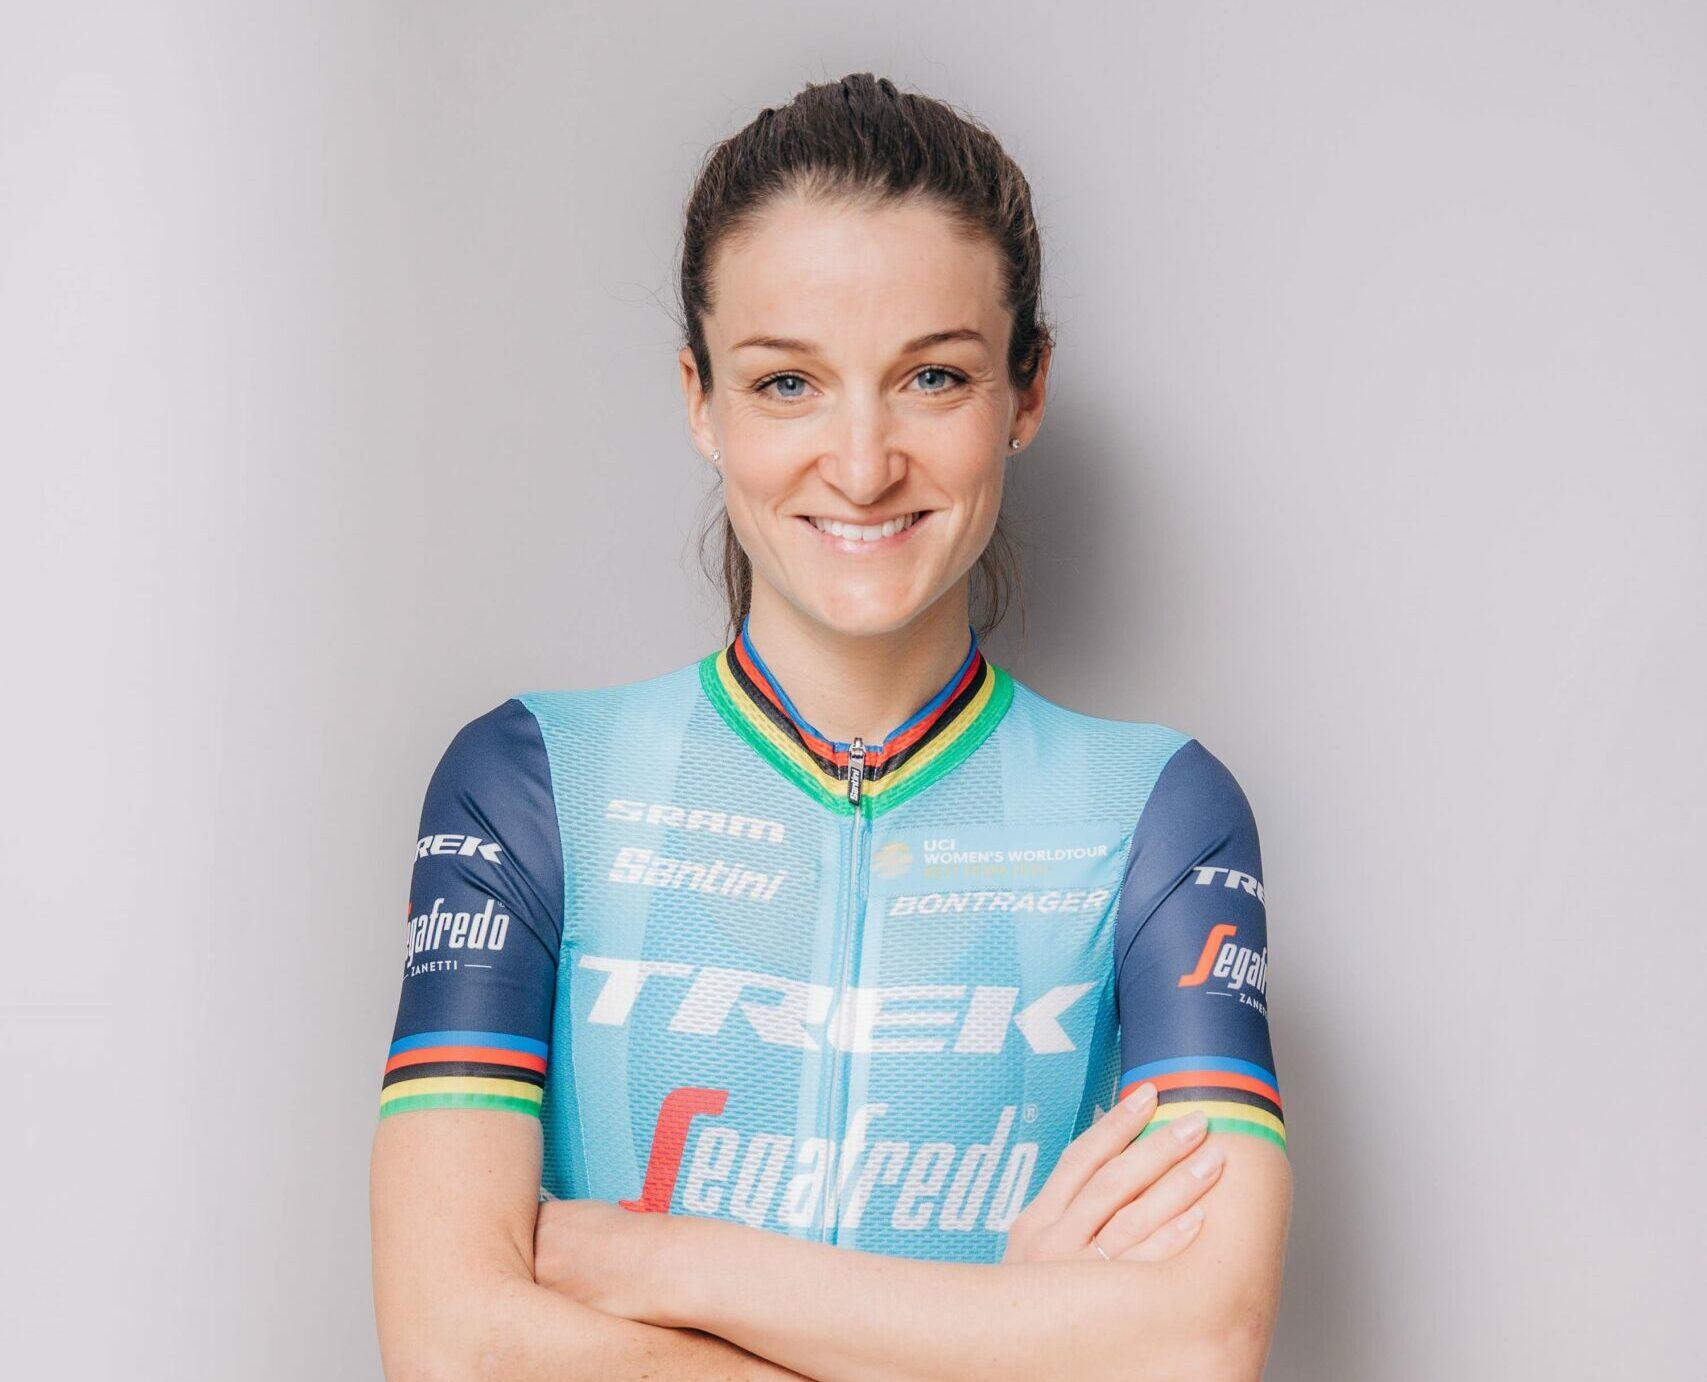 Team GB's Lizzie Deignan